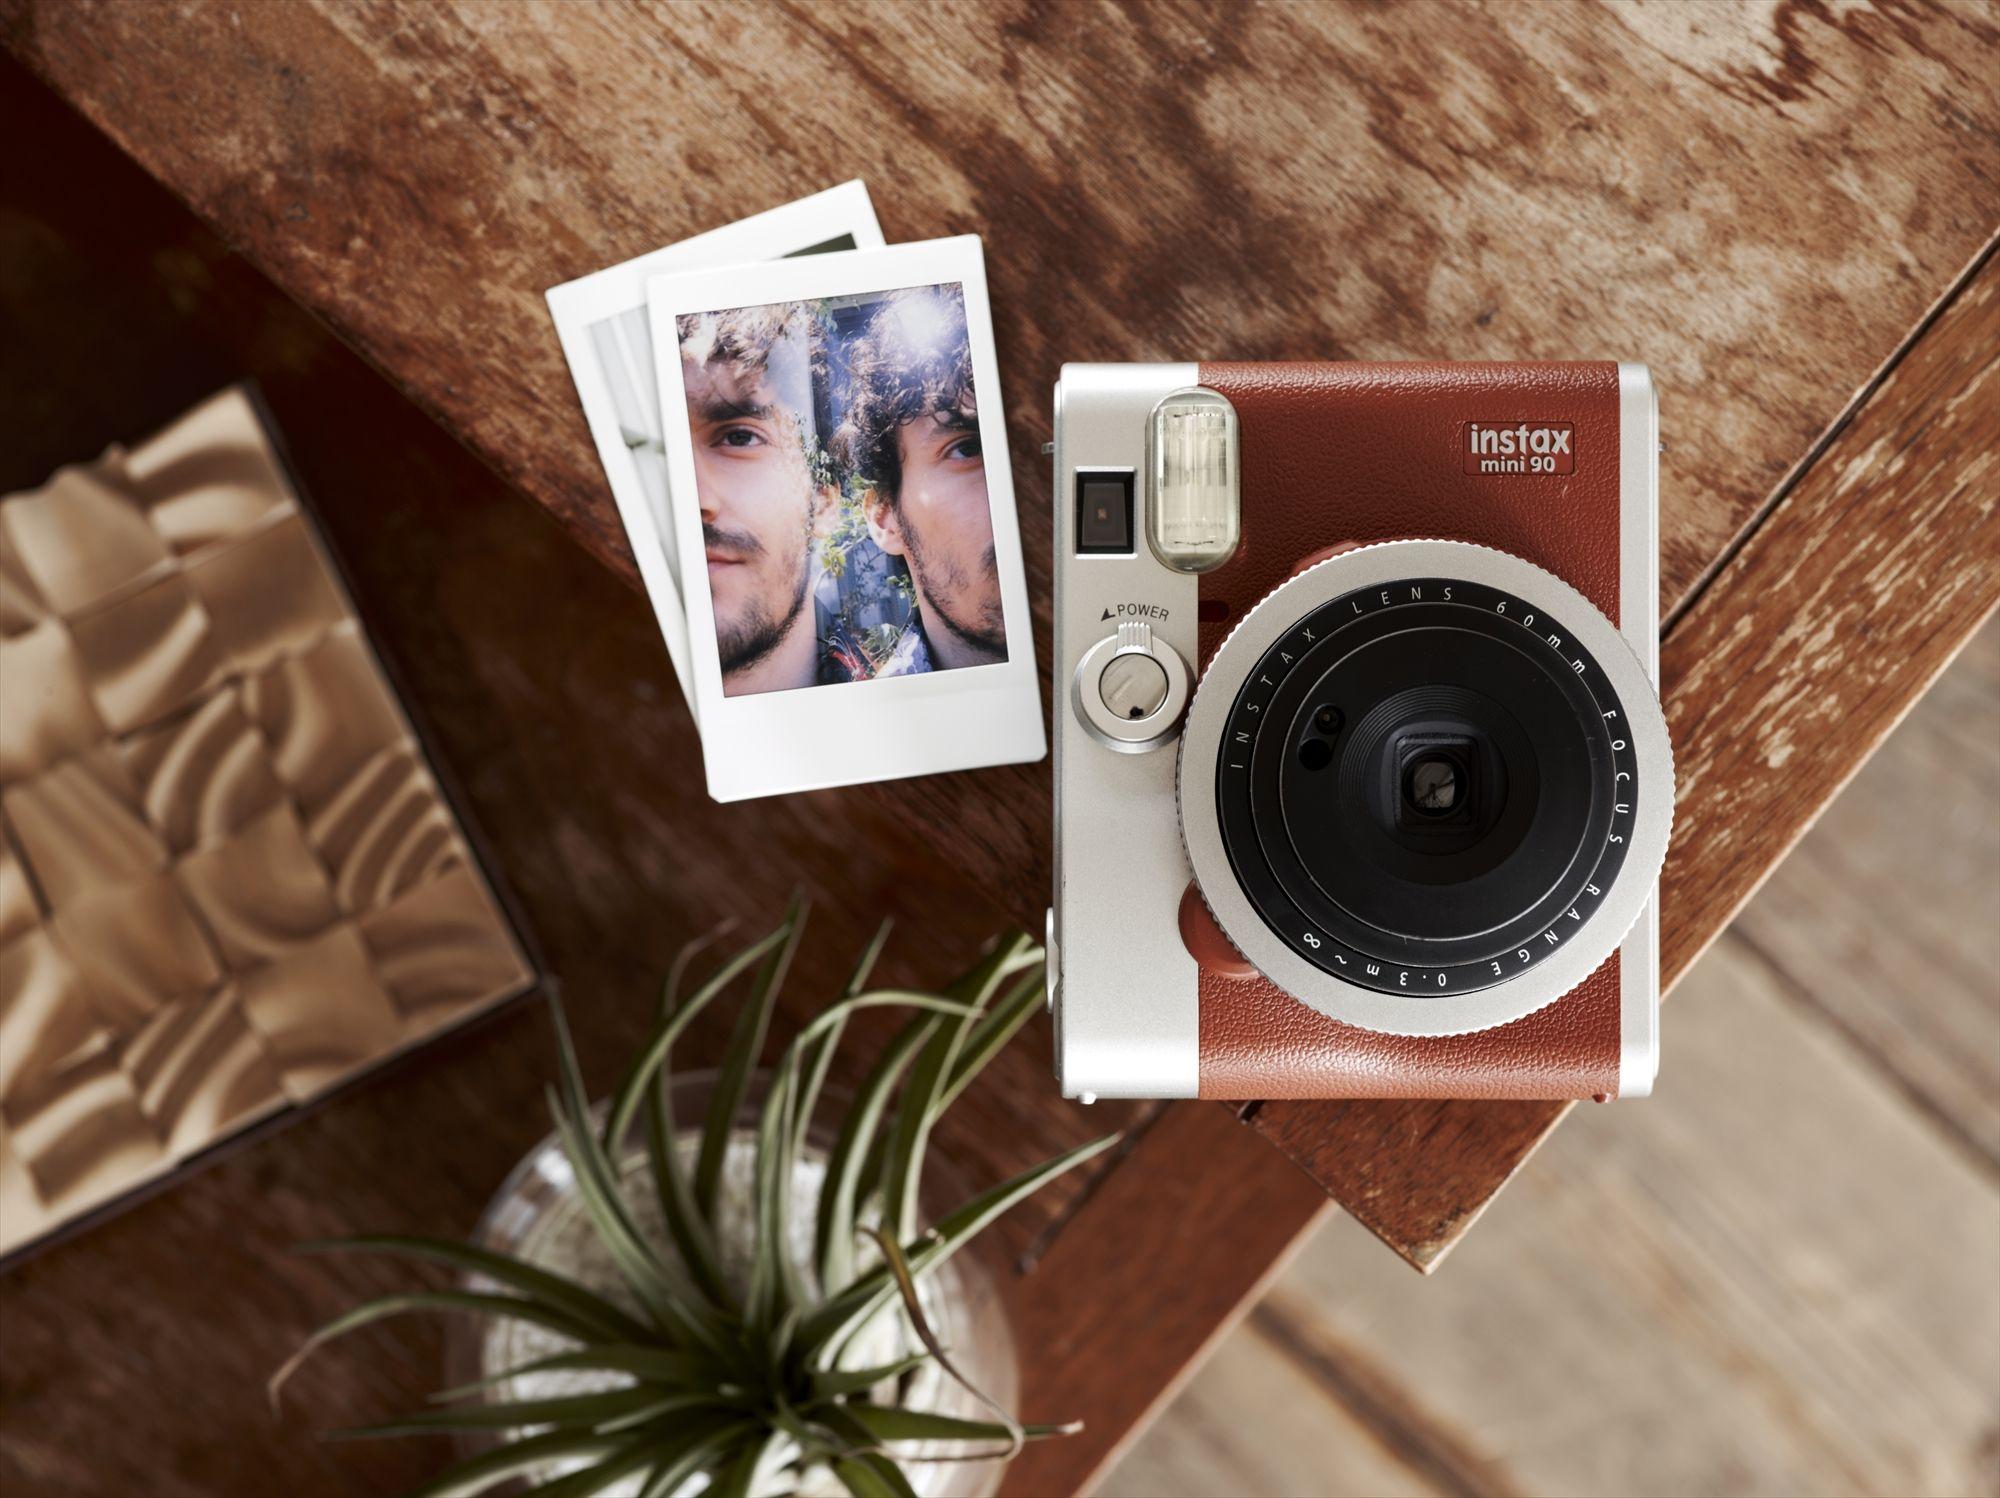 полотно, расширения для фото и картинок часто используют